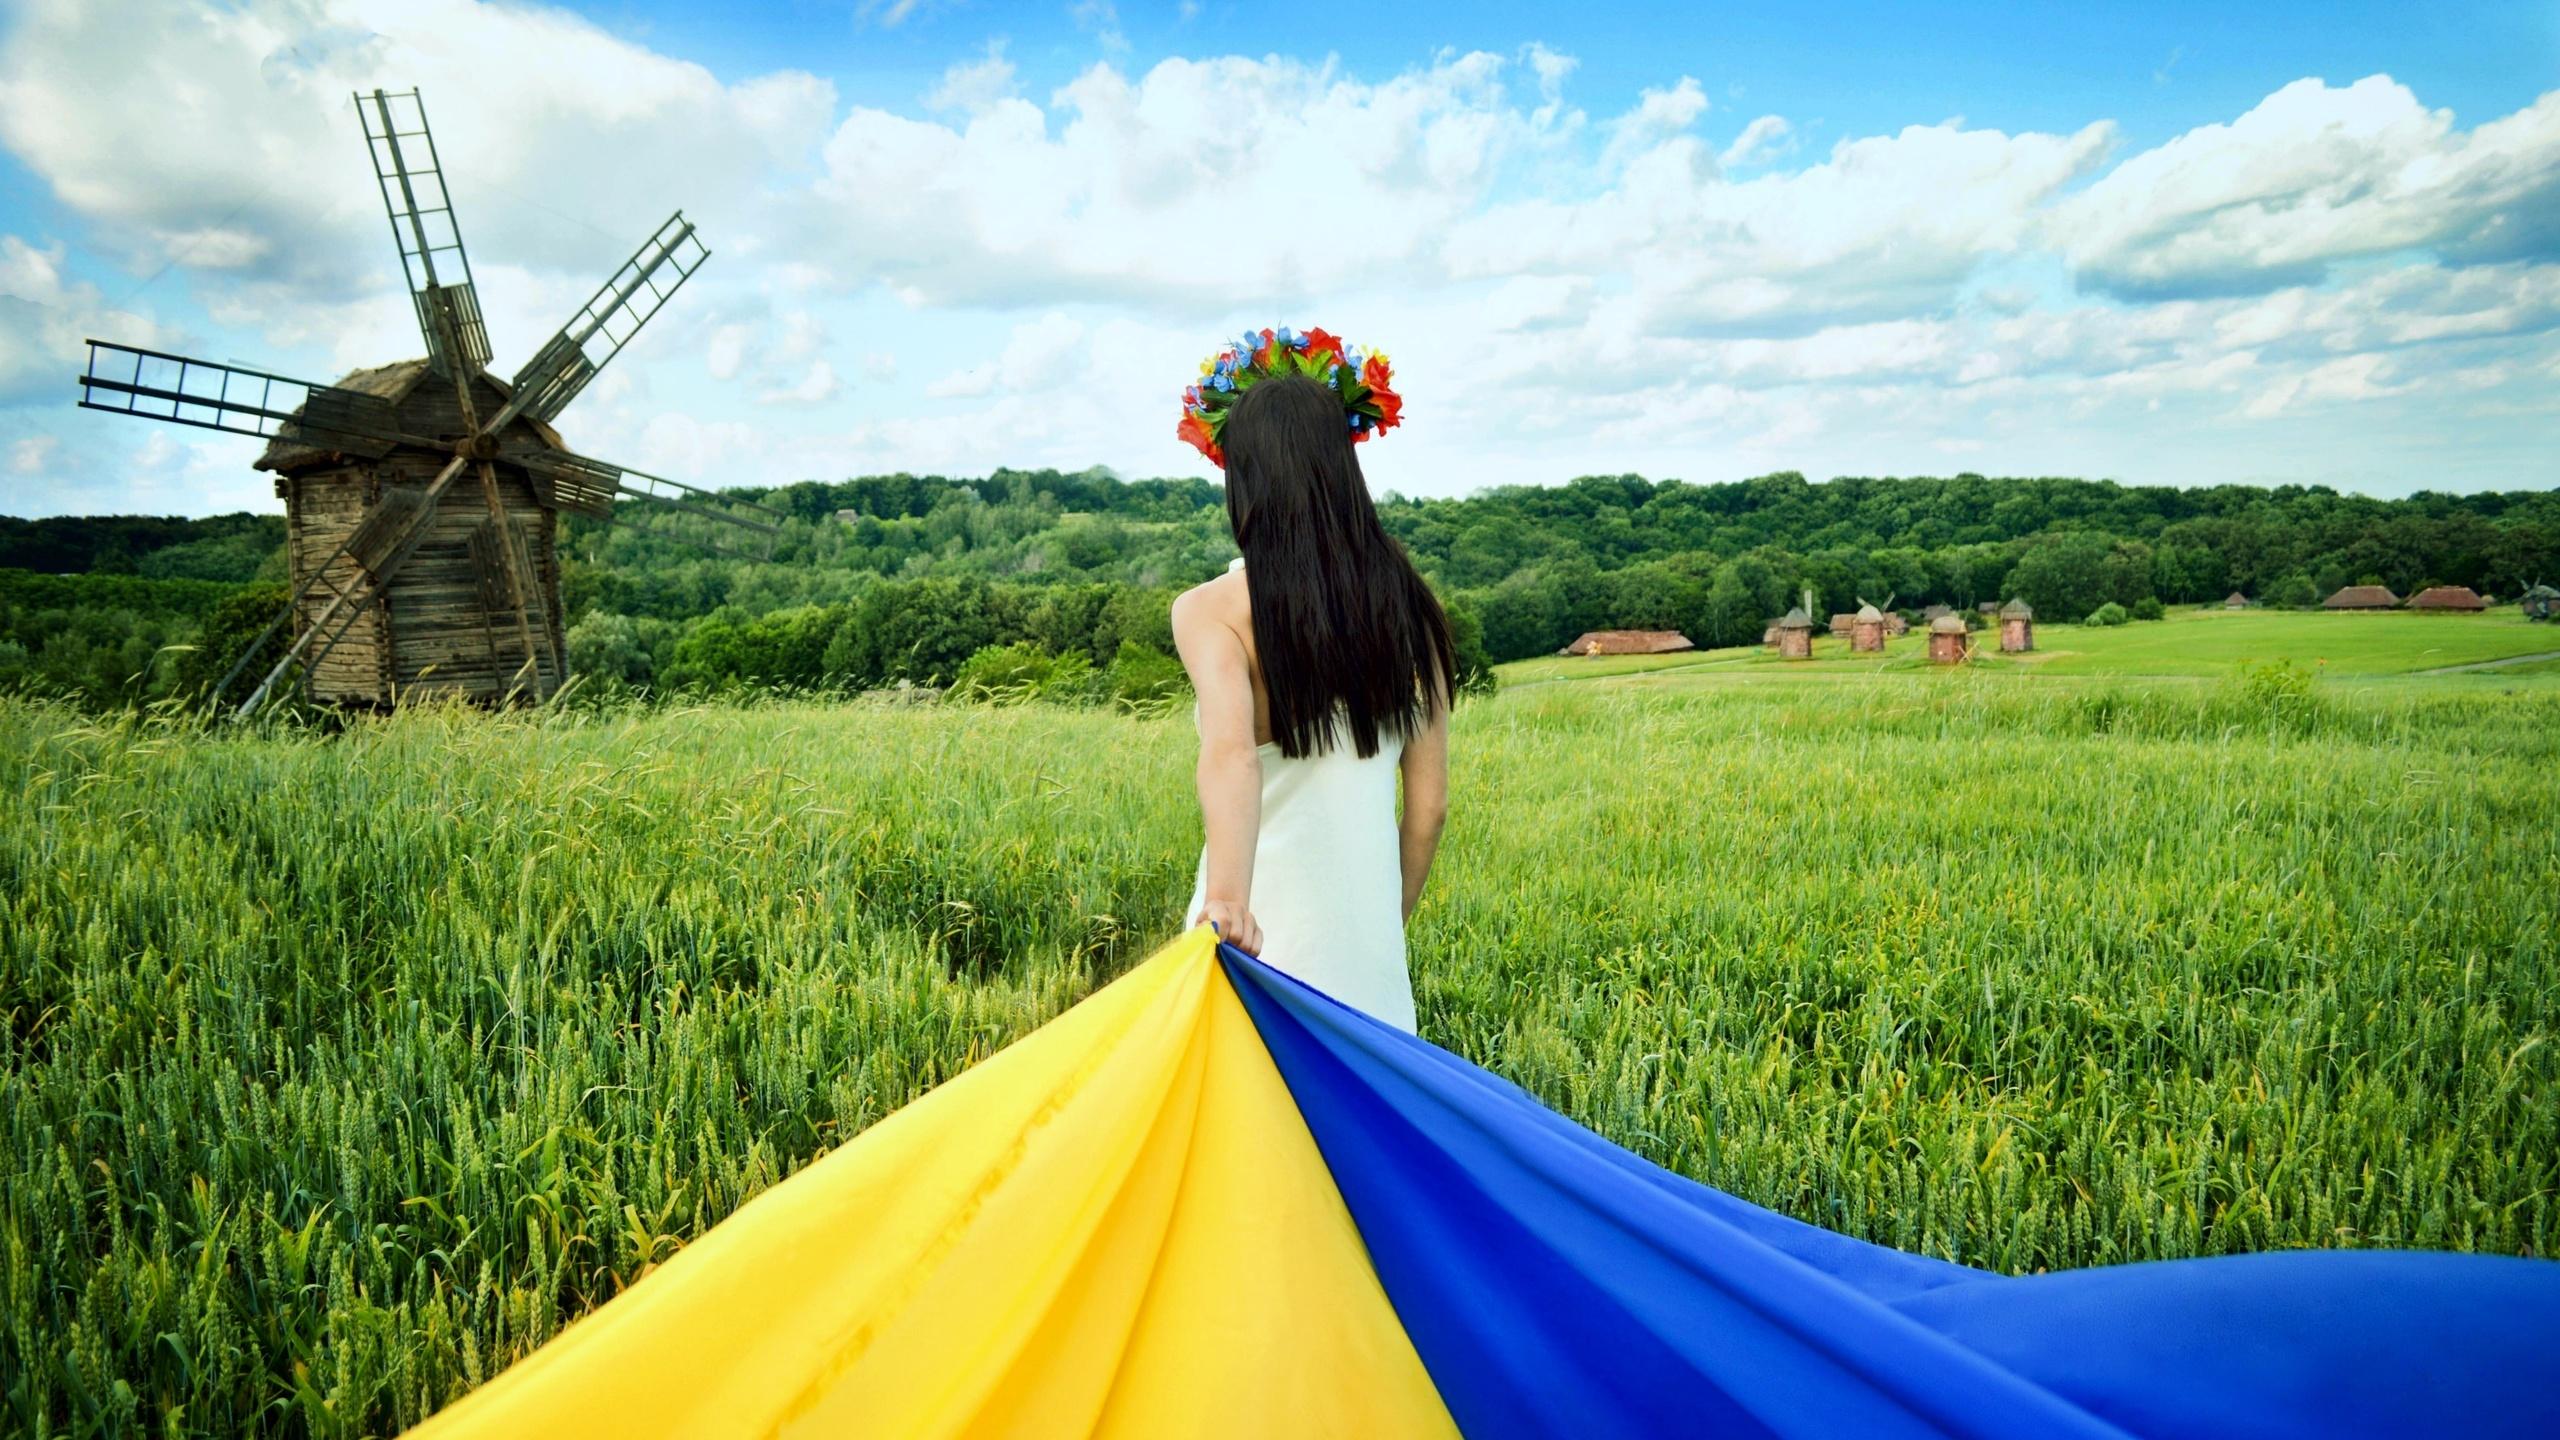 сайт с картинками об украине частности, можно узнать